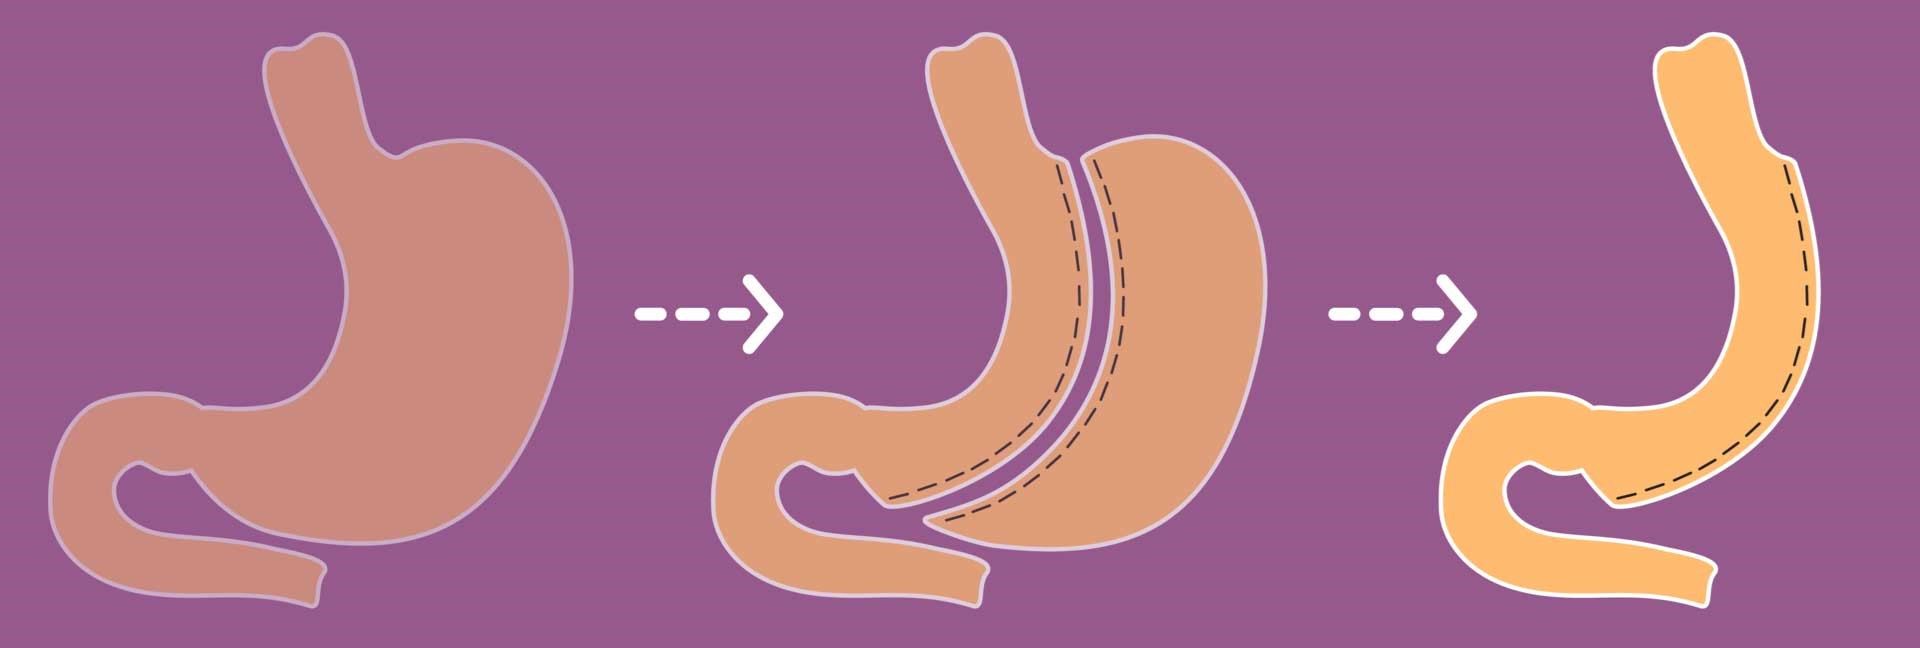 عملکرد جراحی حلقه معده